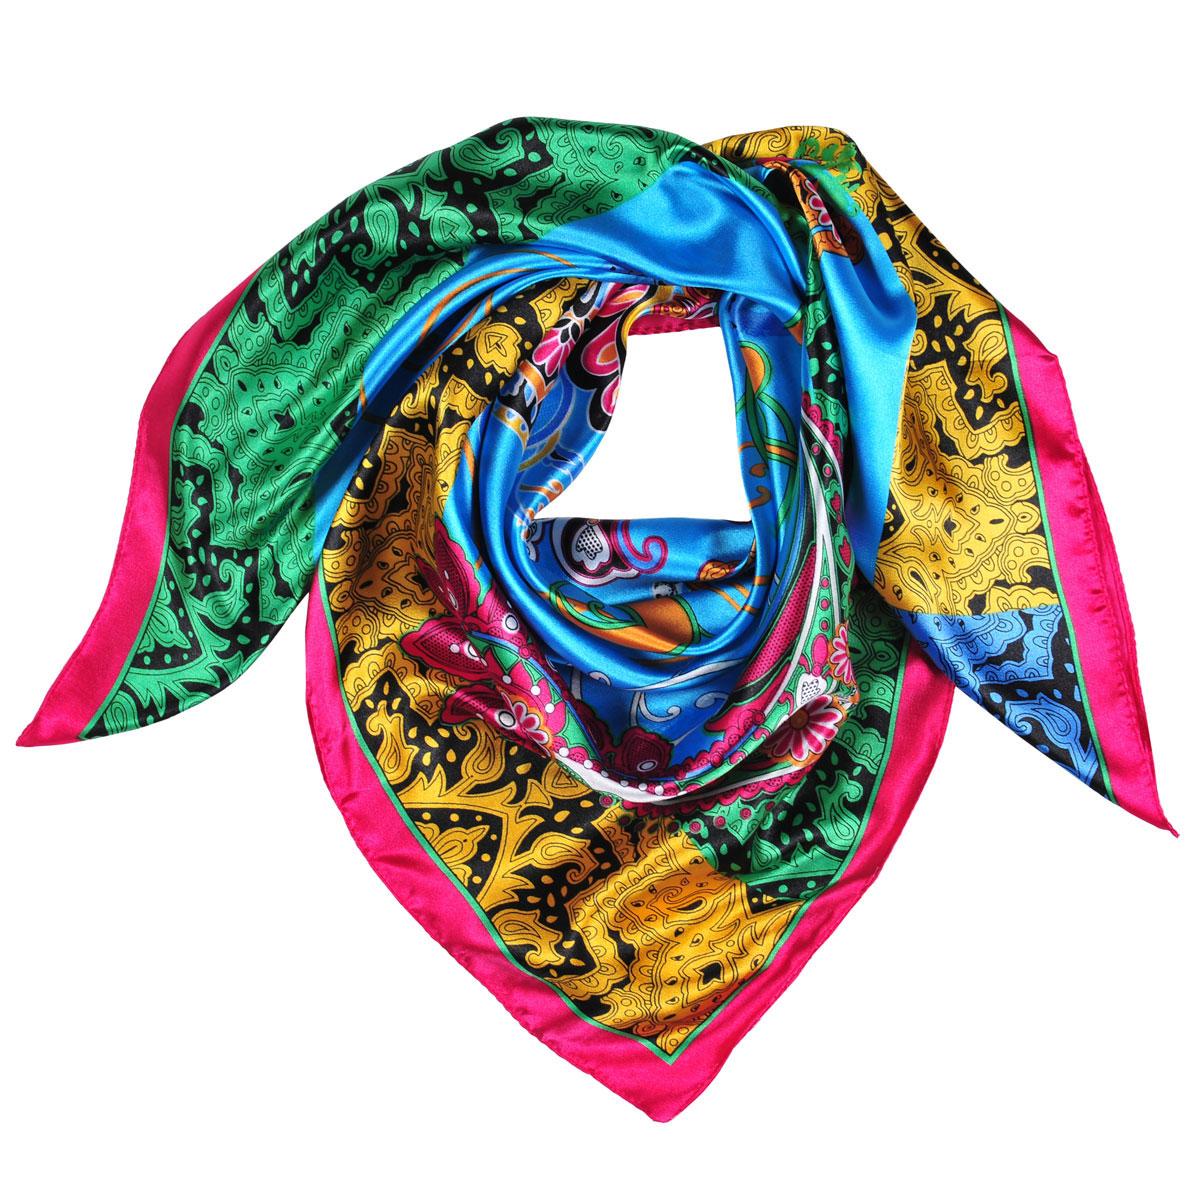 Платок женский Модные истории, цвет: голубой, черный, зеленый. 23/0455/181. Размер 90 см х 90 см23/0455/181Легкий платок с принтом пейслиподчеркнет ваш стильный образ. Он выполнен из шелка и полиэстера. Легко и красиво драпируется.Этот модный аксессуар женского гардероба гармонично дополнит образ современной женщины, следящей за своим имиджем и стремящейся всегда оставаться стильной и элегантной.